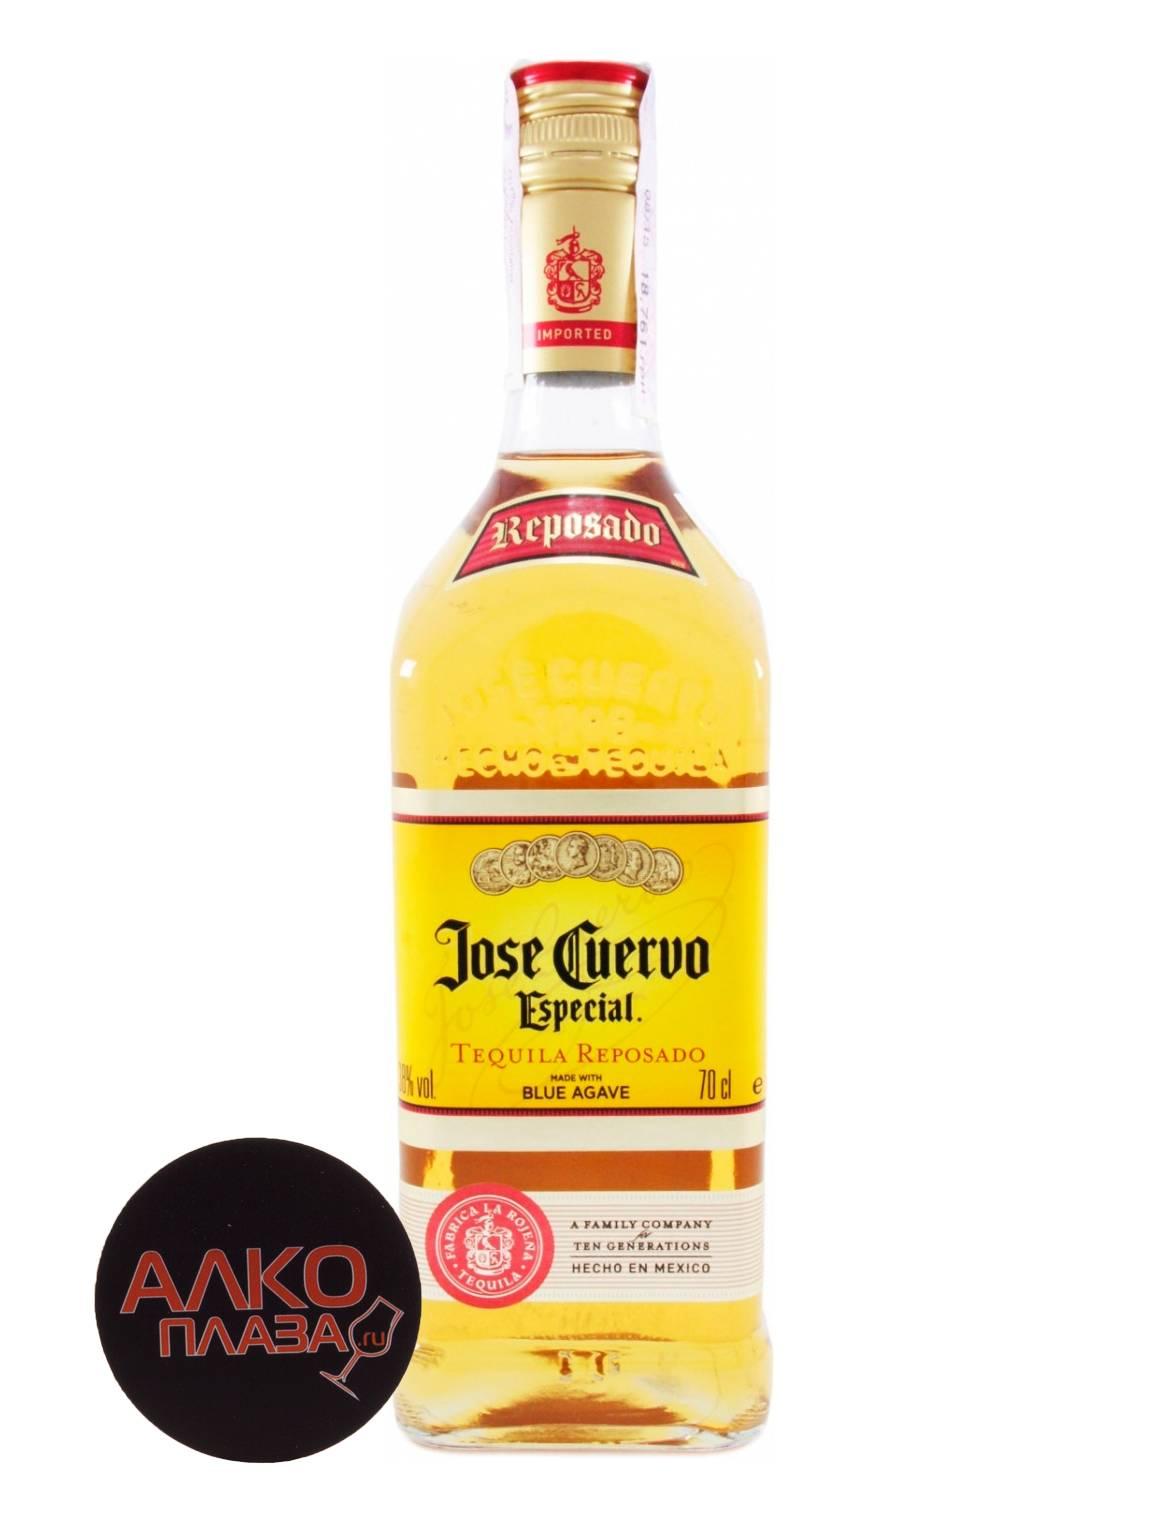 Текила jose cuervo (хосе куэрво): описание, отзывы и цена